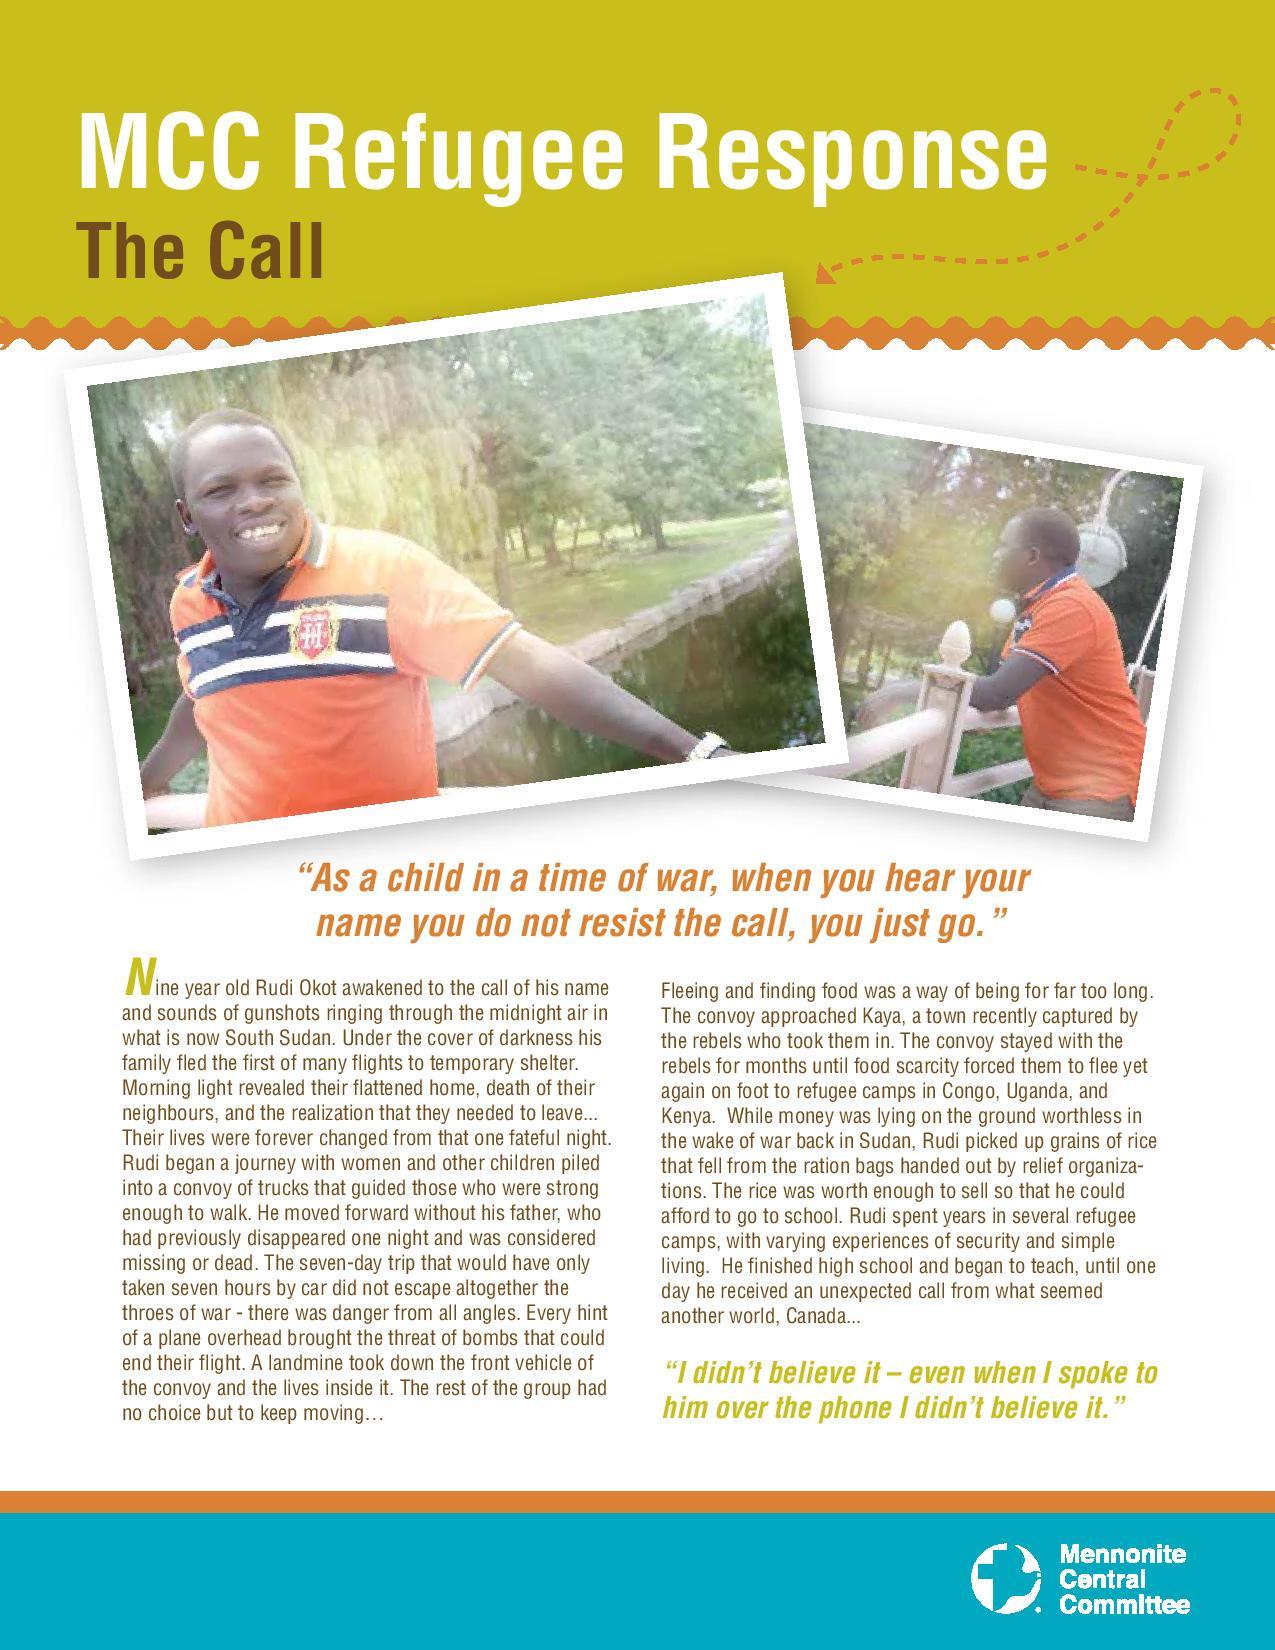 MCC Refugee Sponsorship: Rudi Okot